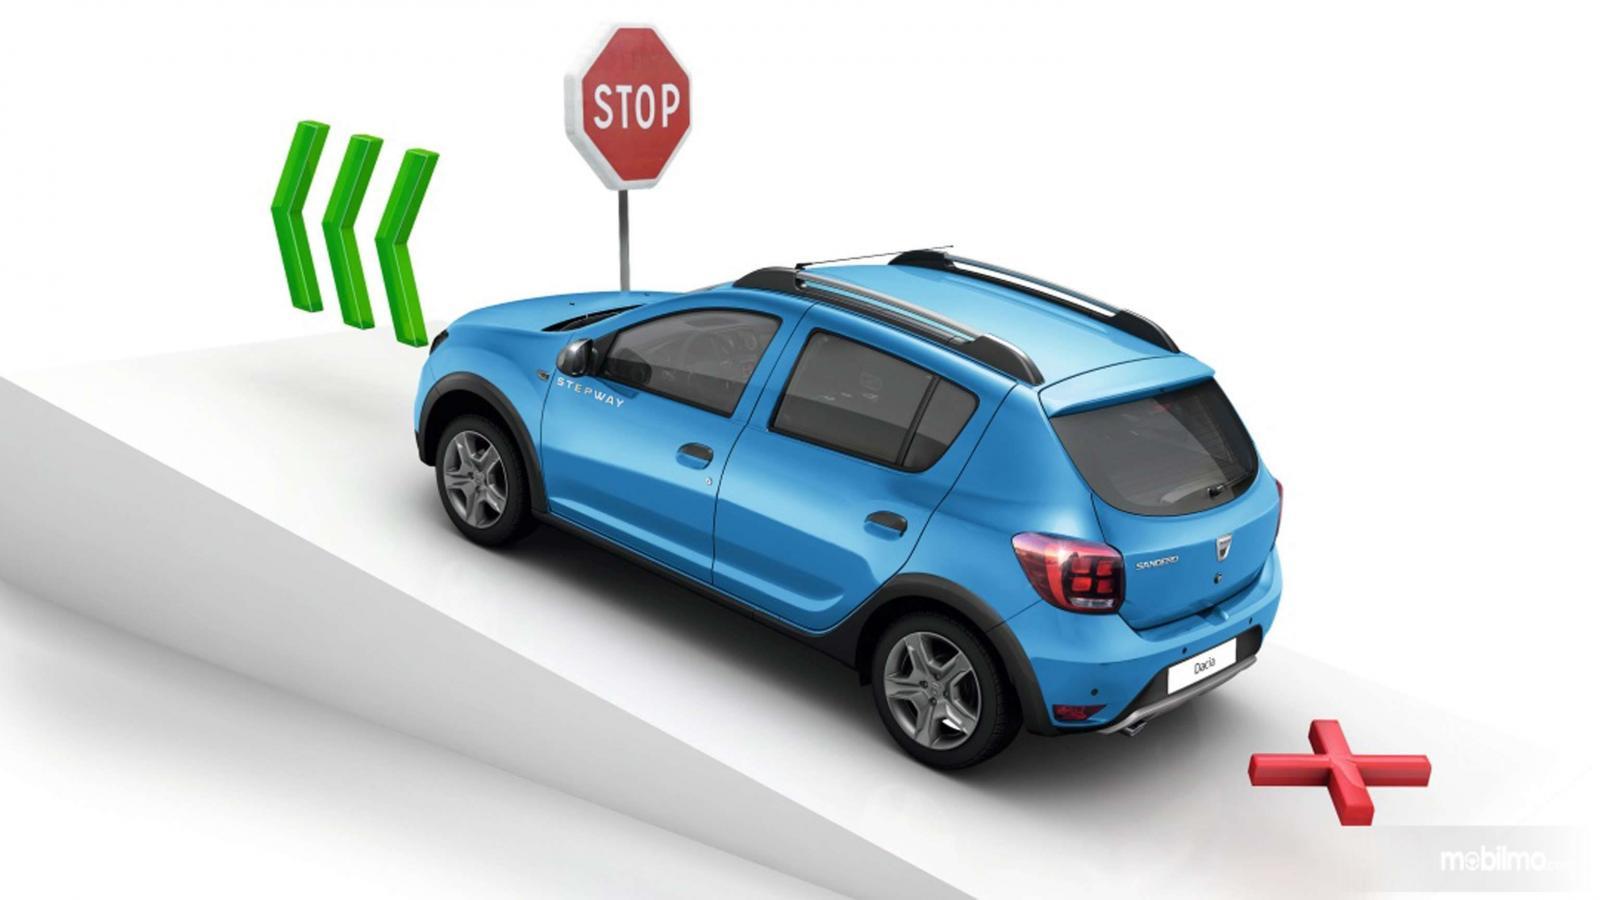 Gambar ilustrasi fitur Fitur Hill Start Assist (HSA) pada Dacia Sandero, lebih aman saat stop and go di tanjakan